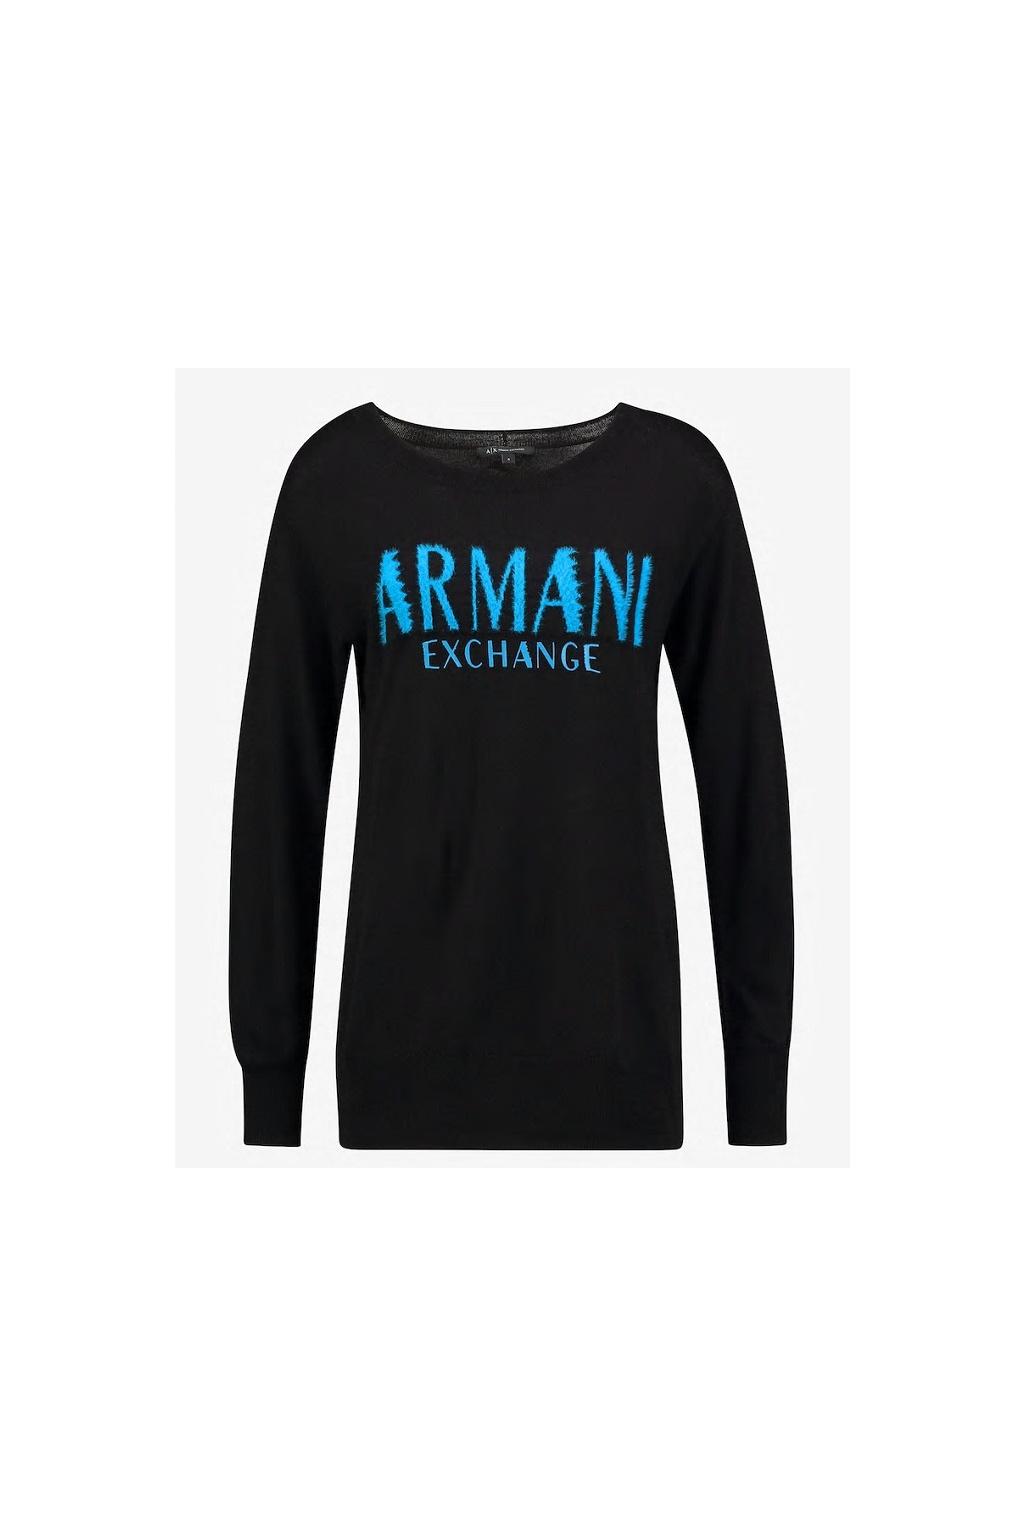 6GYM2C YME3Z Dámský svetr Armani Exchange černý